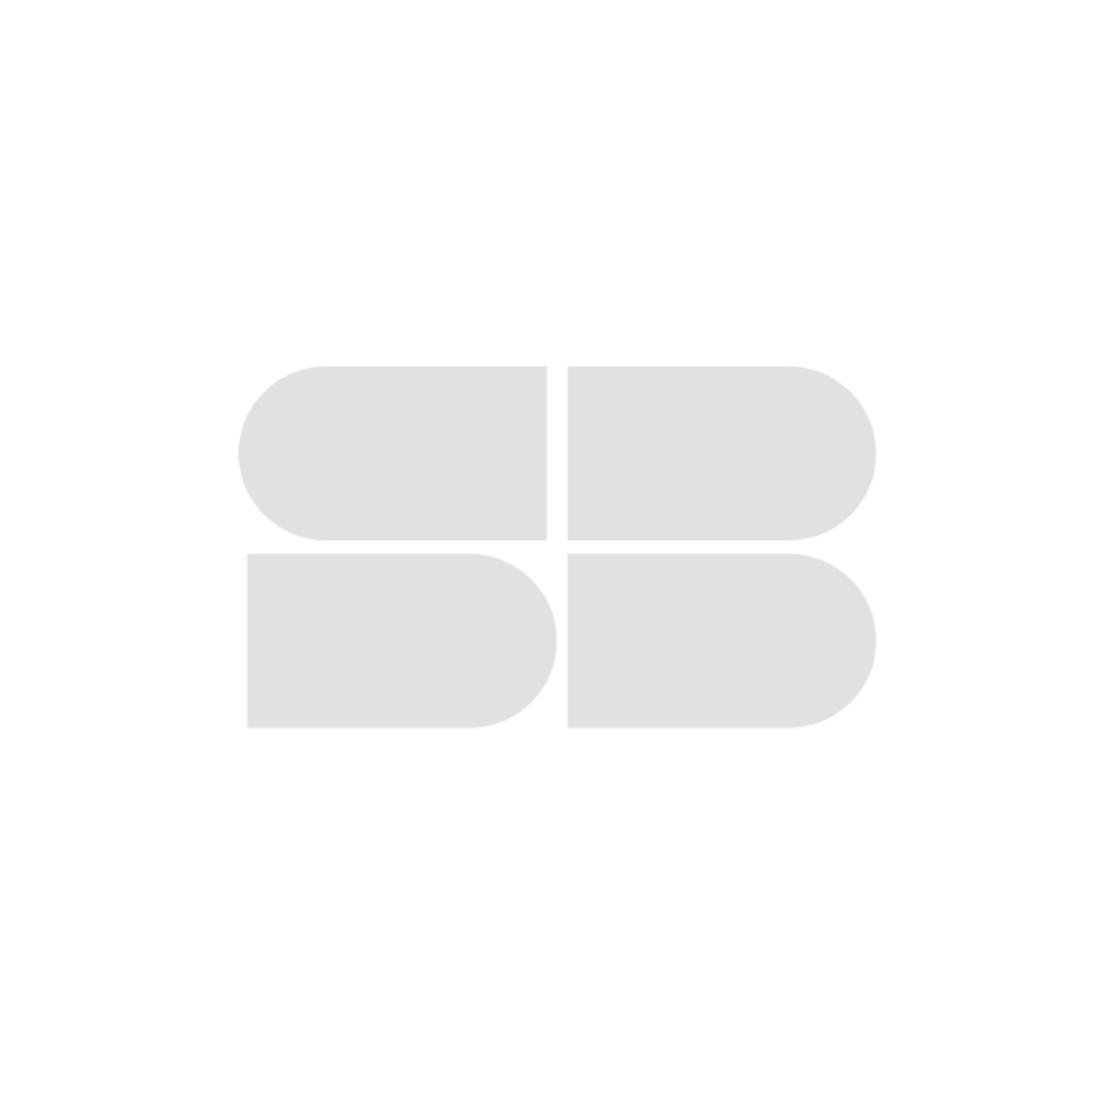 เตียงนอน ขนาด 3.5 ฟุต รุ่น Bente สีโอ๊ค-00